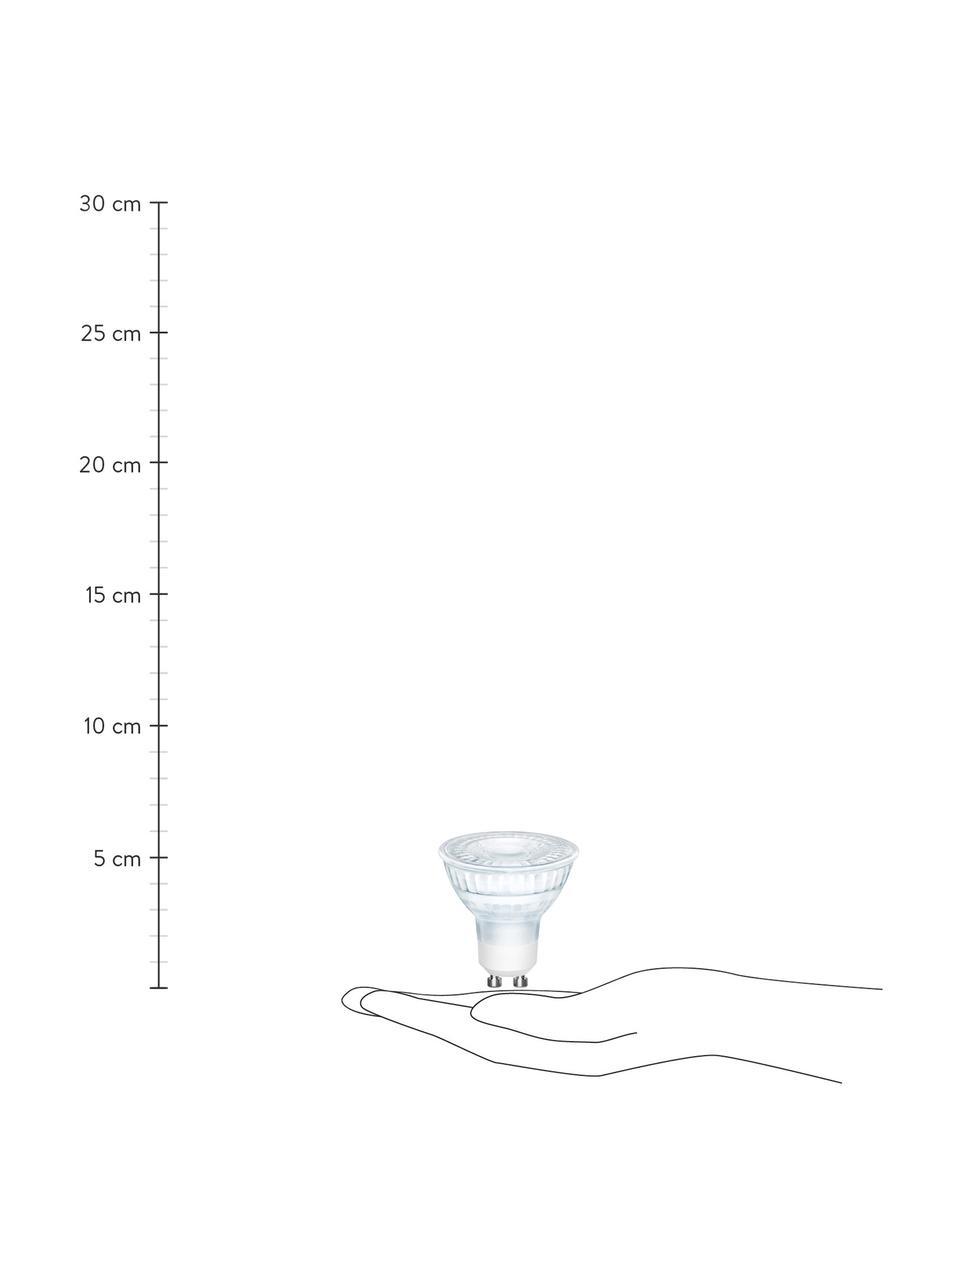 Żarówka z funkcją przyciemniania GU10/345 lm, ciepła biel, 3 szt., Transparentny, Ø 5 x W 6 cm